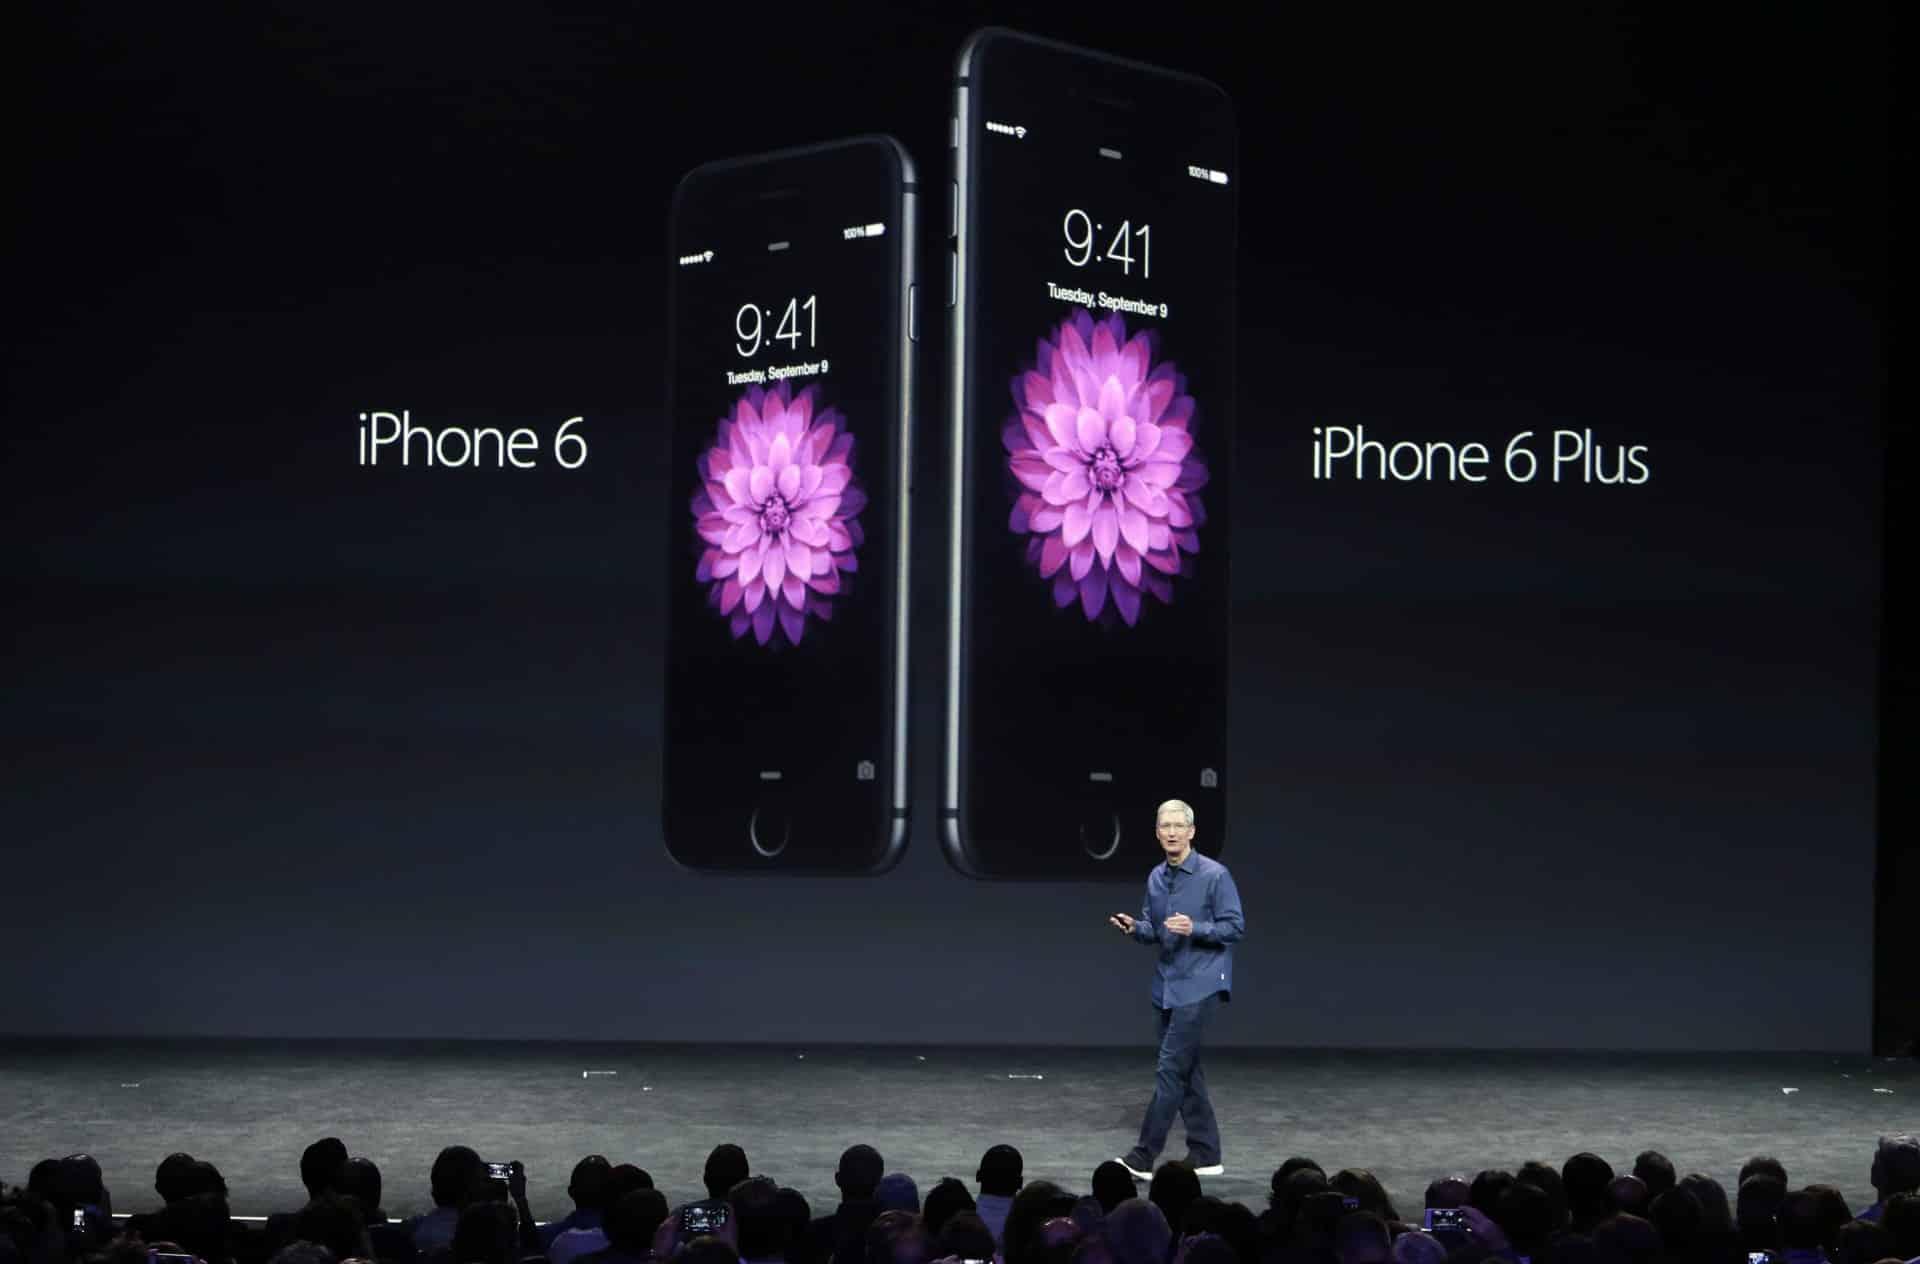 Apple espera que las ventas de iPhone sigan aumentando, pues se han convertido en uno de sus principales ingresos.